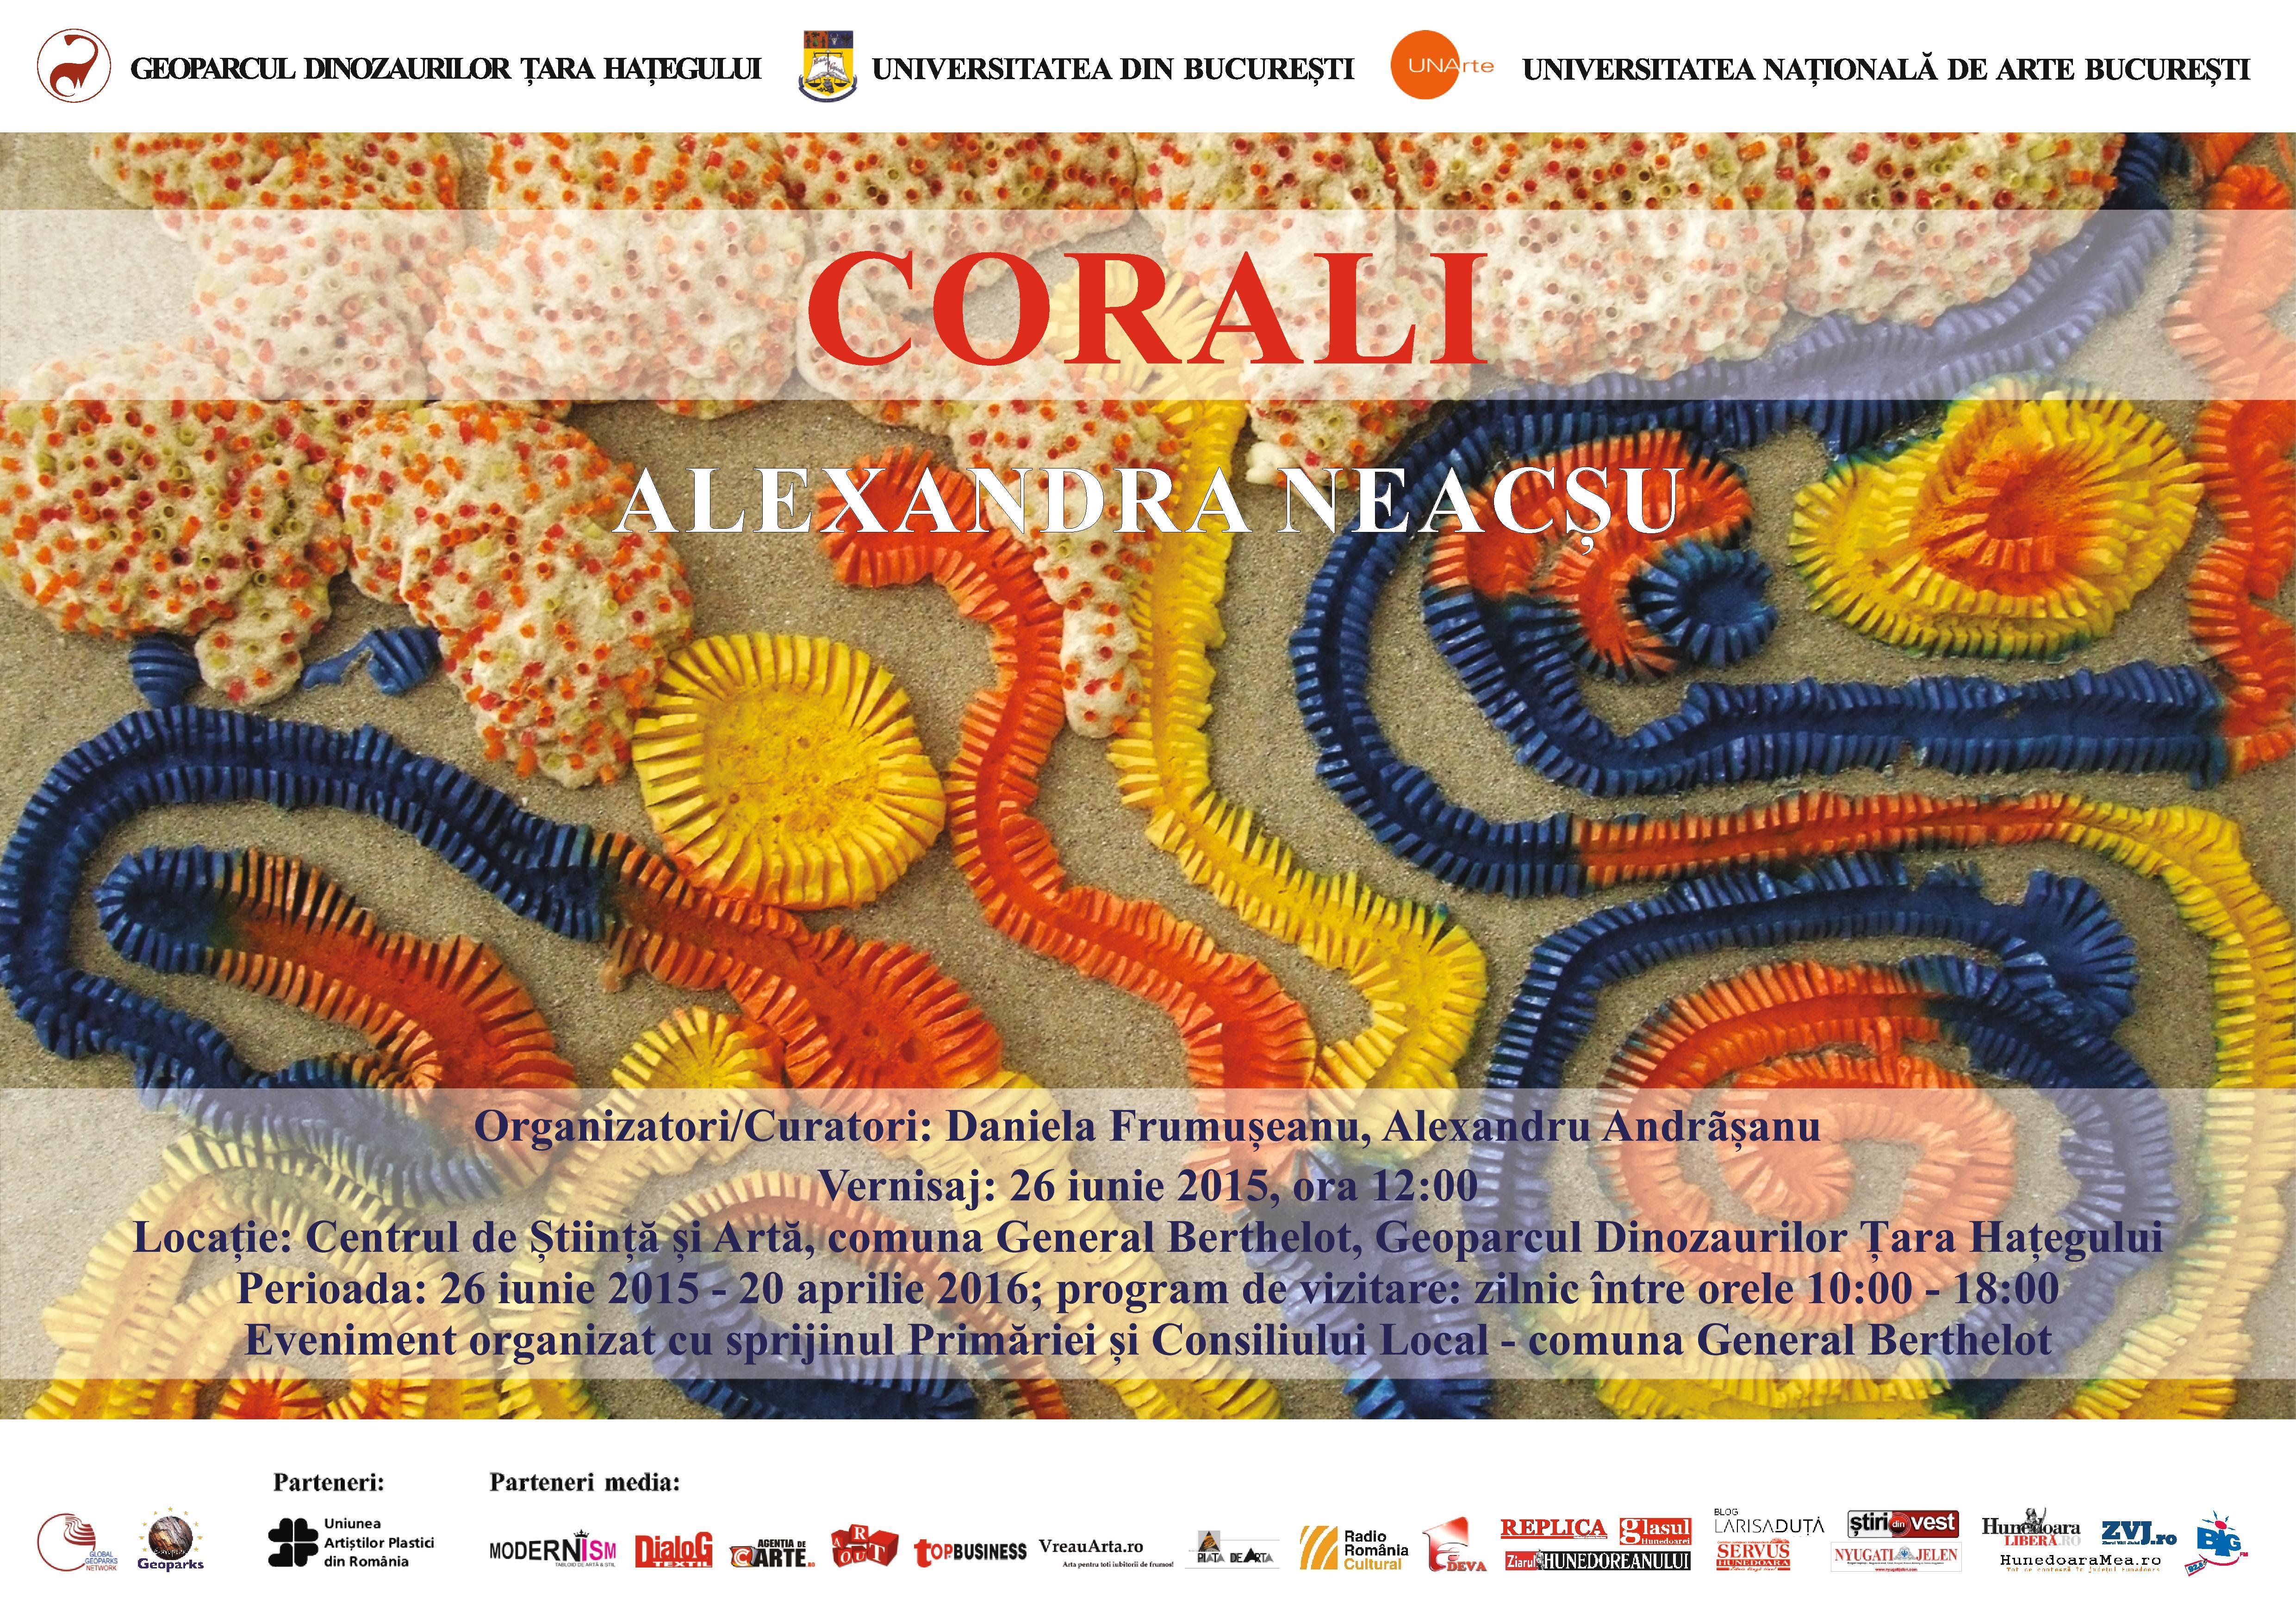 Corali şi Fragilitate @ Geoparcul Dinozaurilor Ţara Haţegului